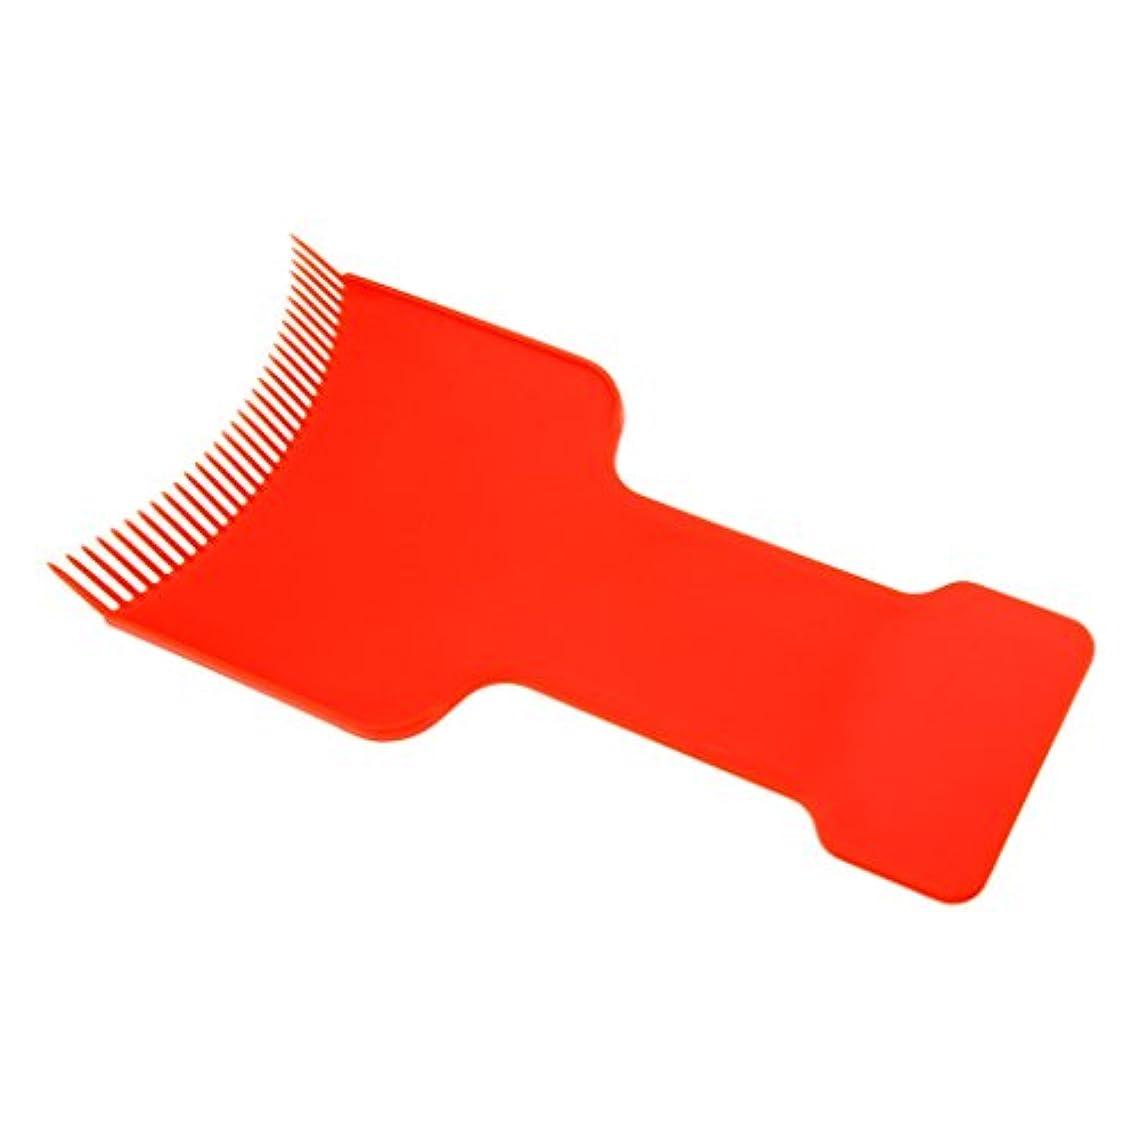 農場操縦する振動するヘアカラーボード 染色ボード ヘアカラー ボード ヘアダイコーム プロ サロン 美容院 自宅用 便利